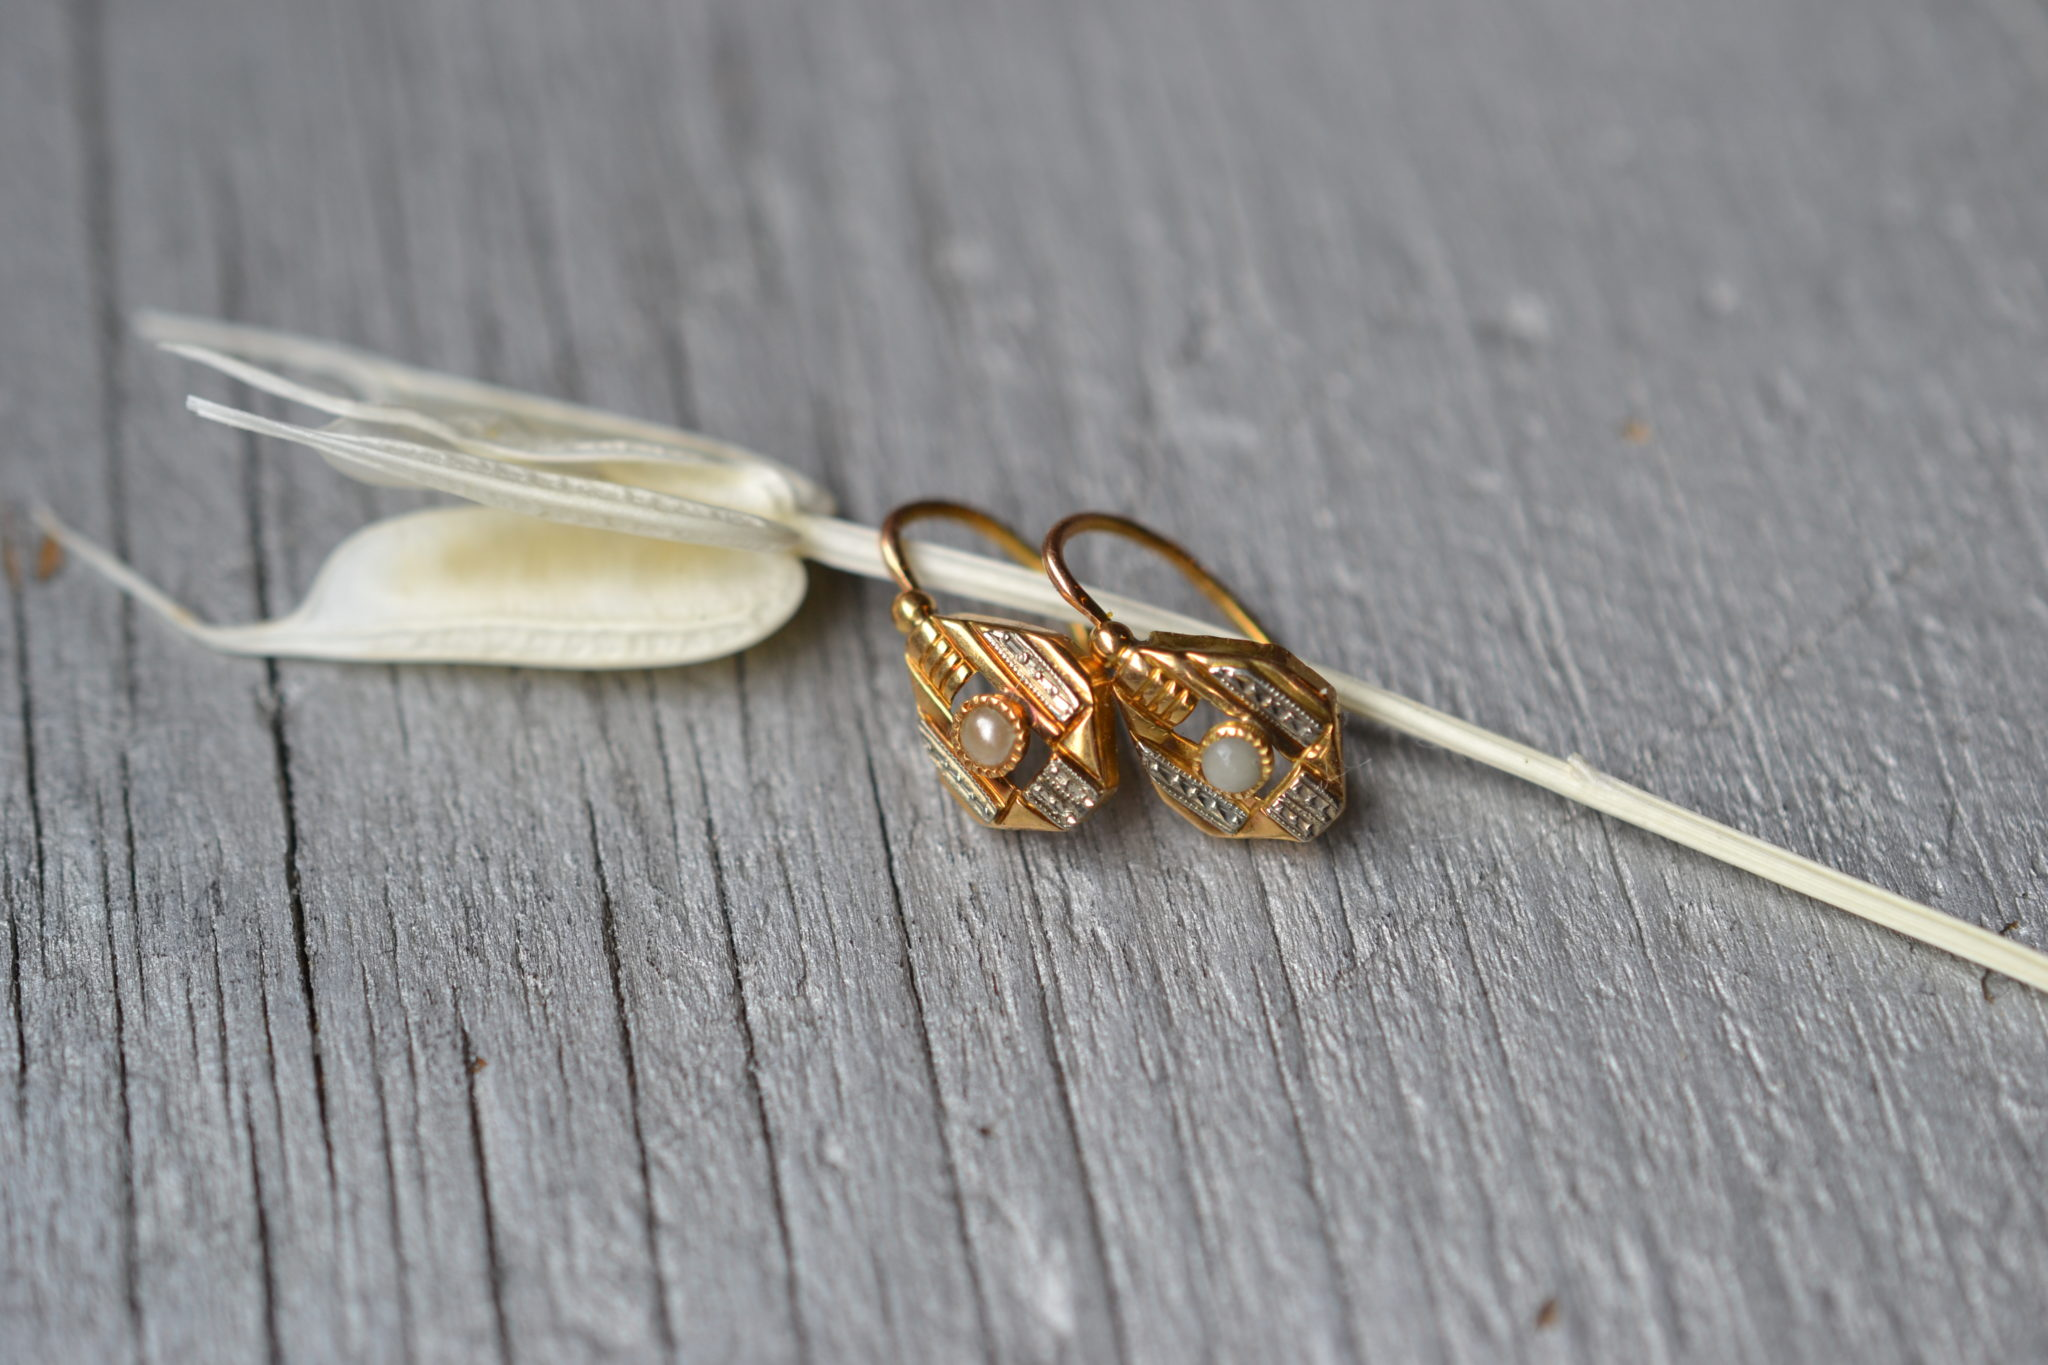 Boucles D'oreilles Vintage Art Déco - Bijoux Anciens En Or Ornés De Perles